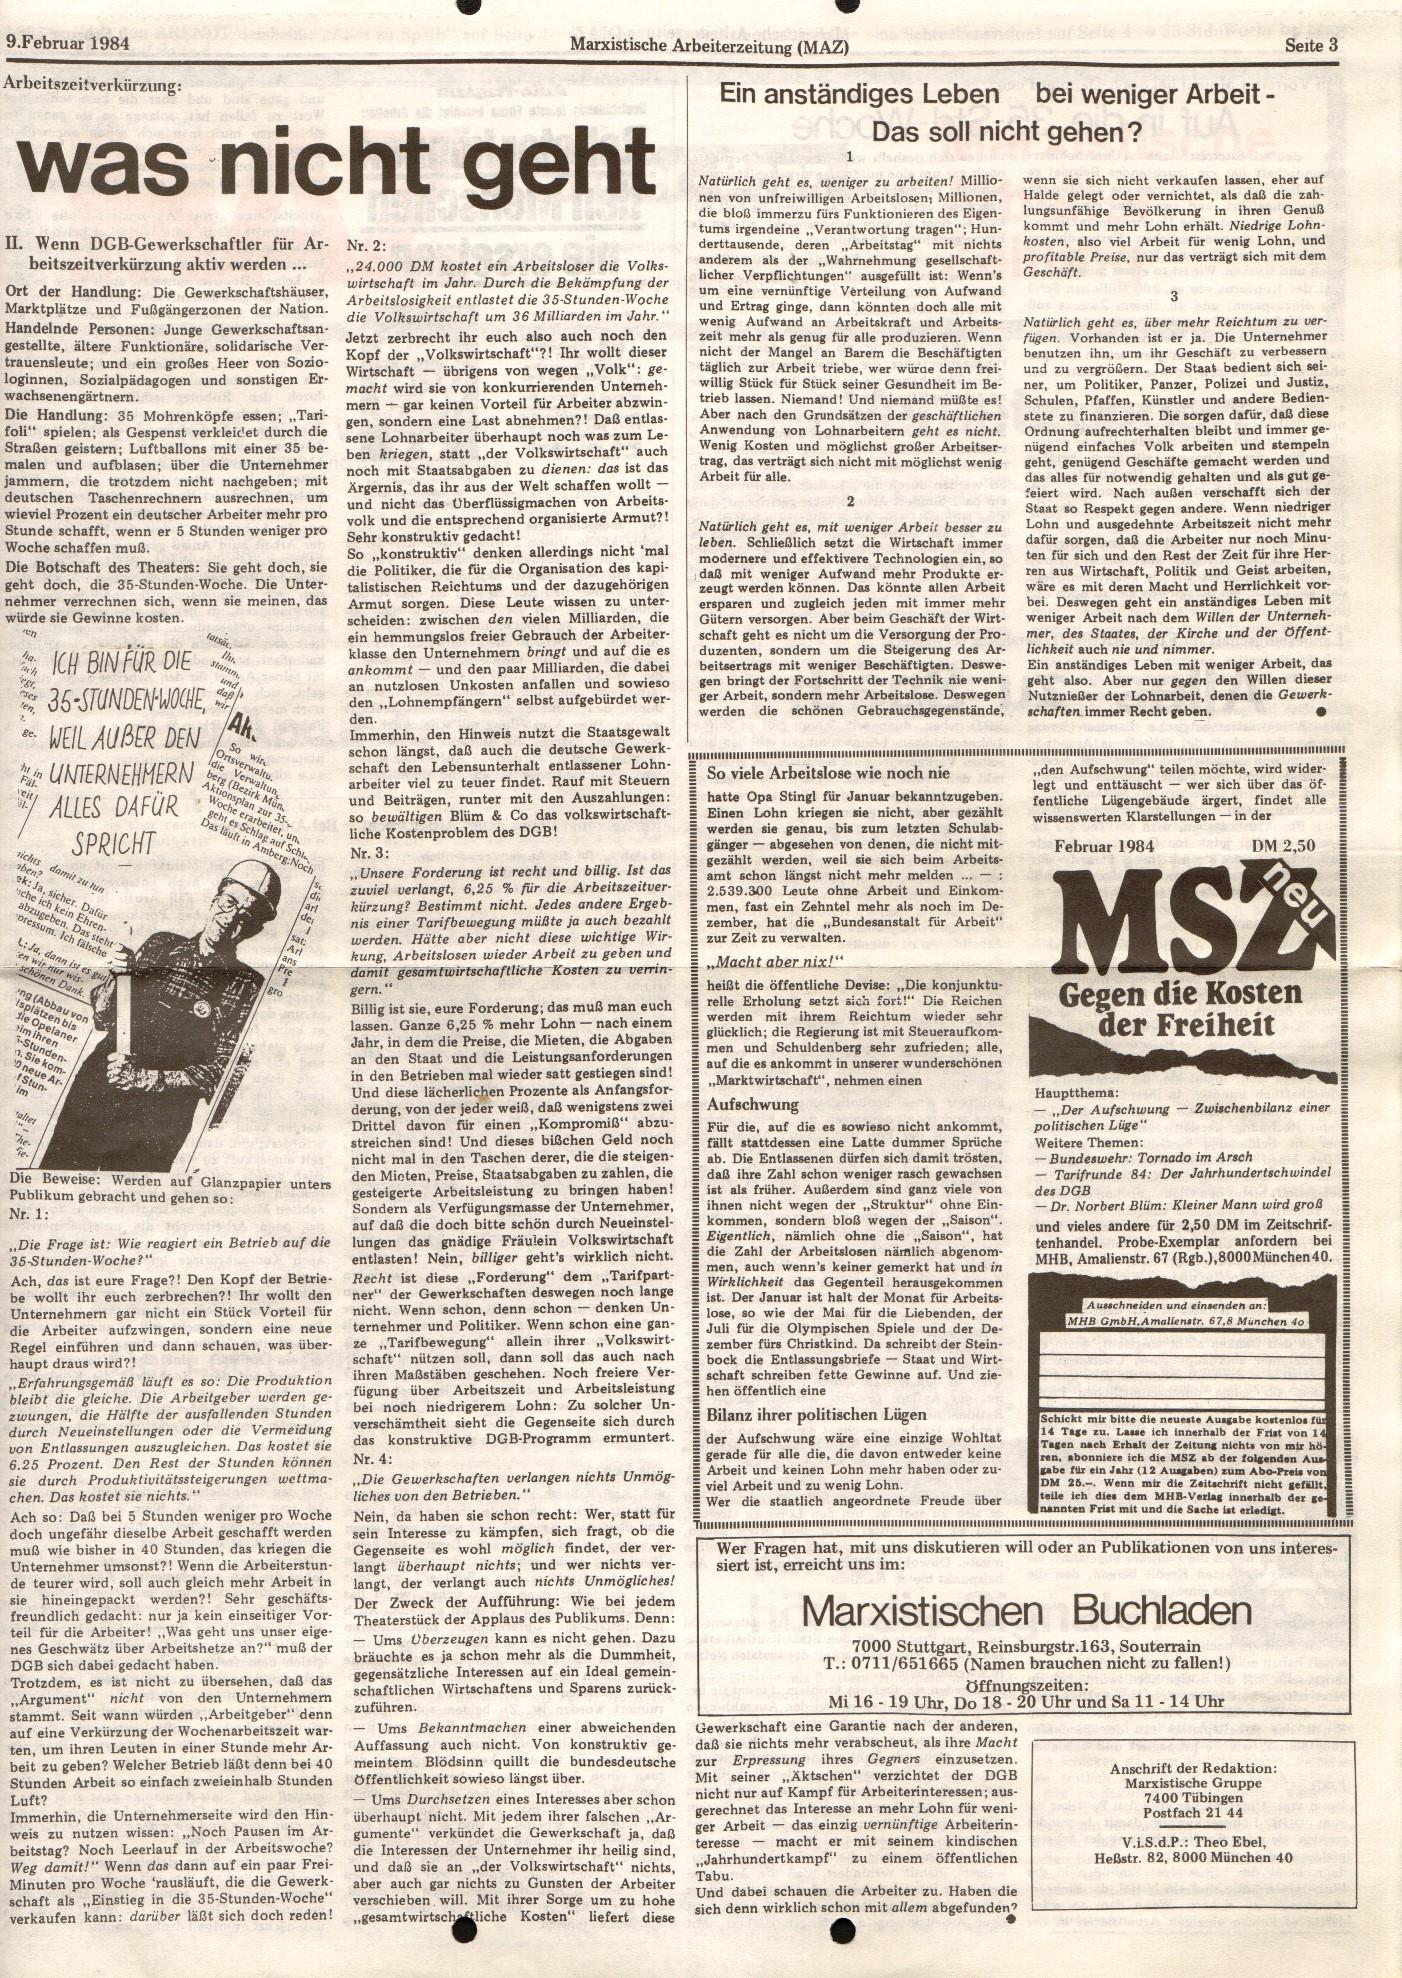 BW_MG_Marxistische_Arbeiterzeitung_19840209_03